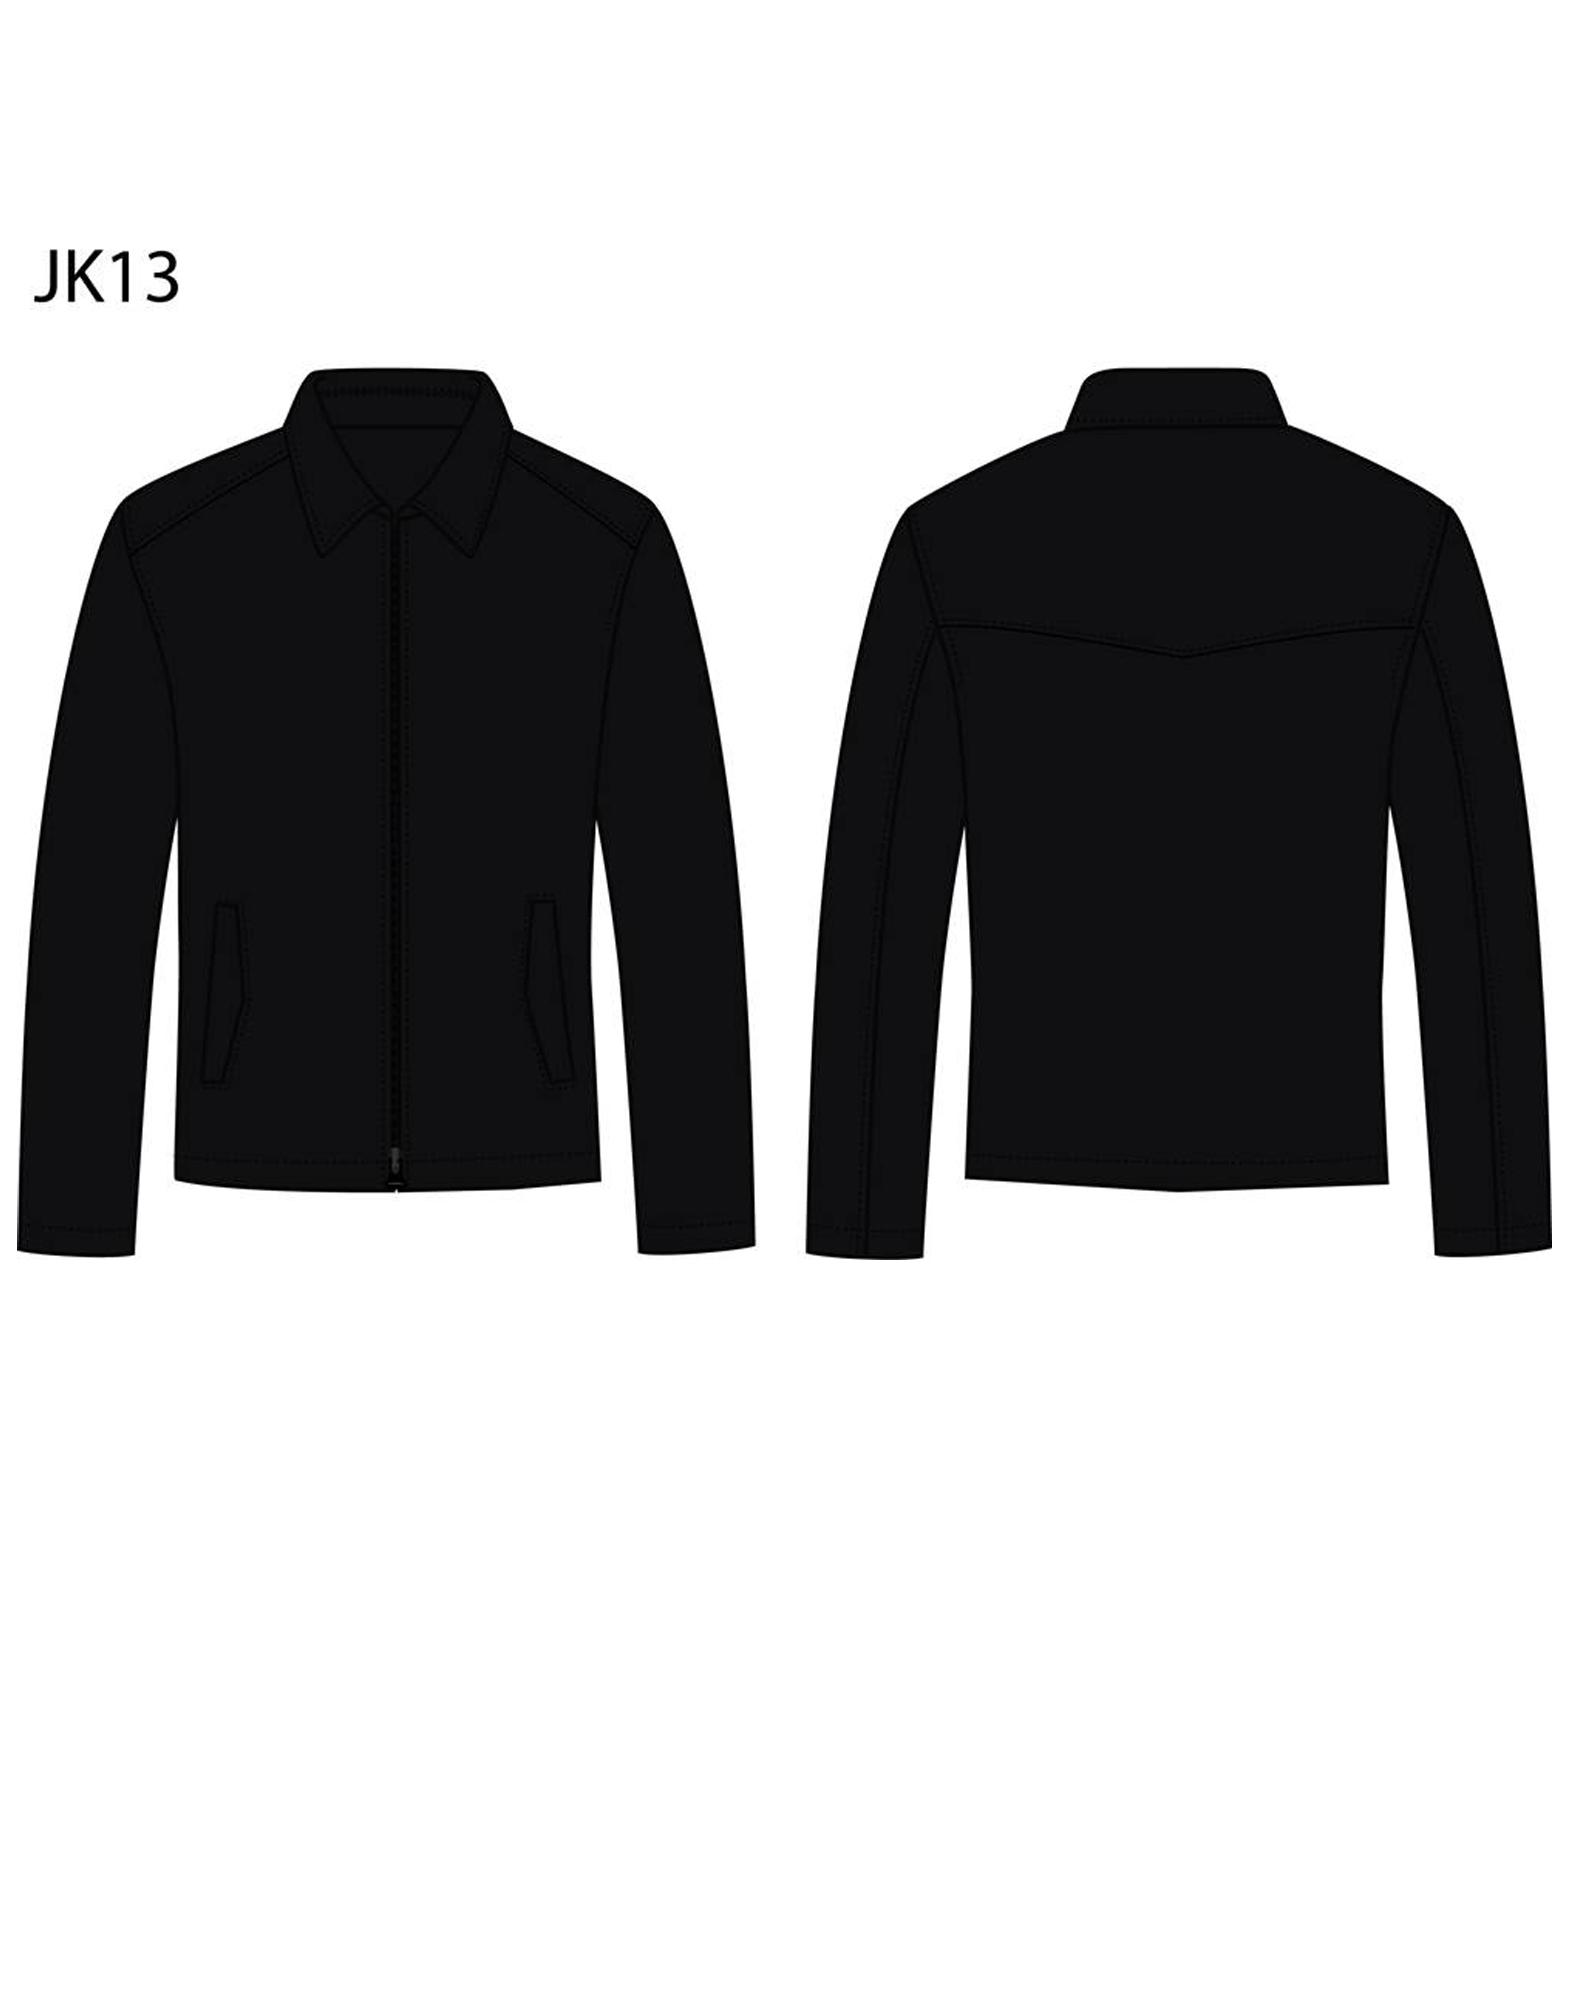 JK13 FLINDERS Wool Blend Corporate Jacket Men's